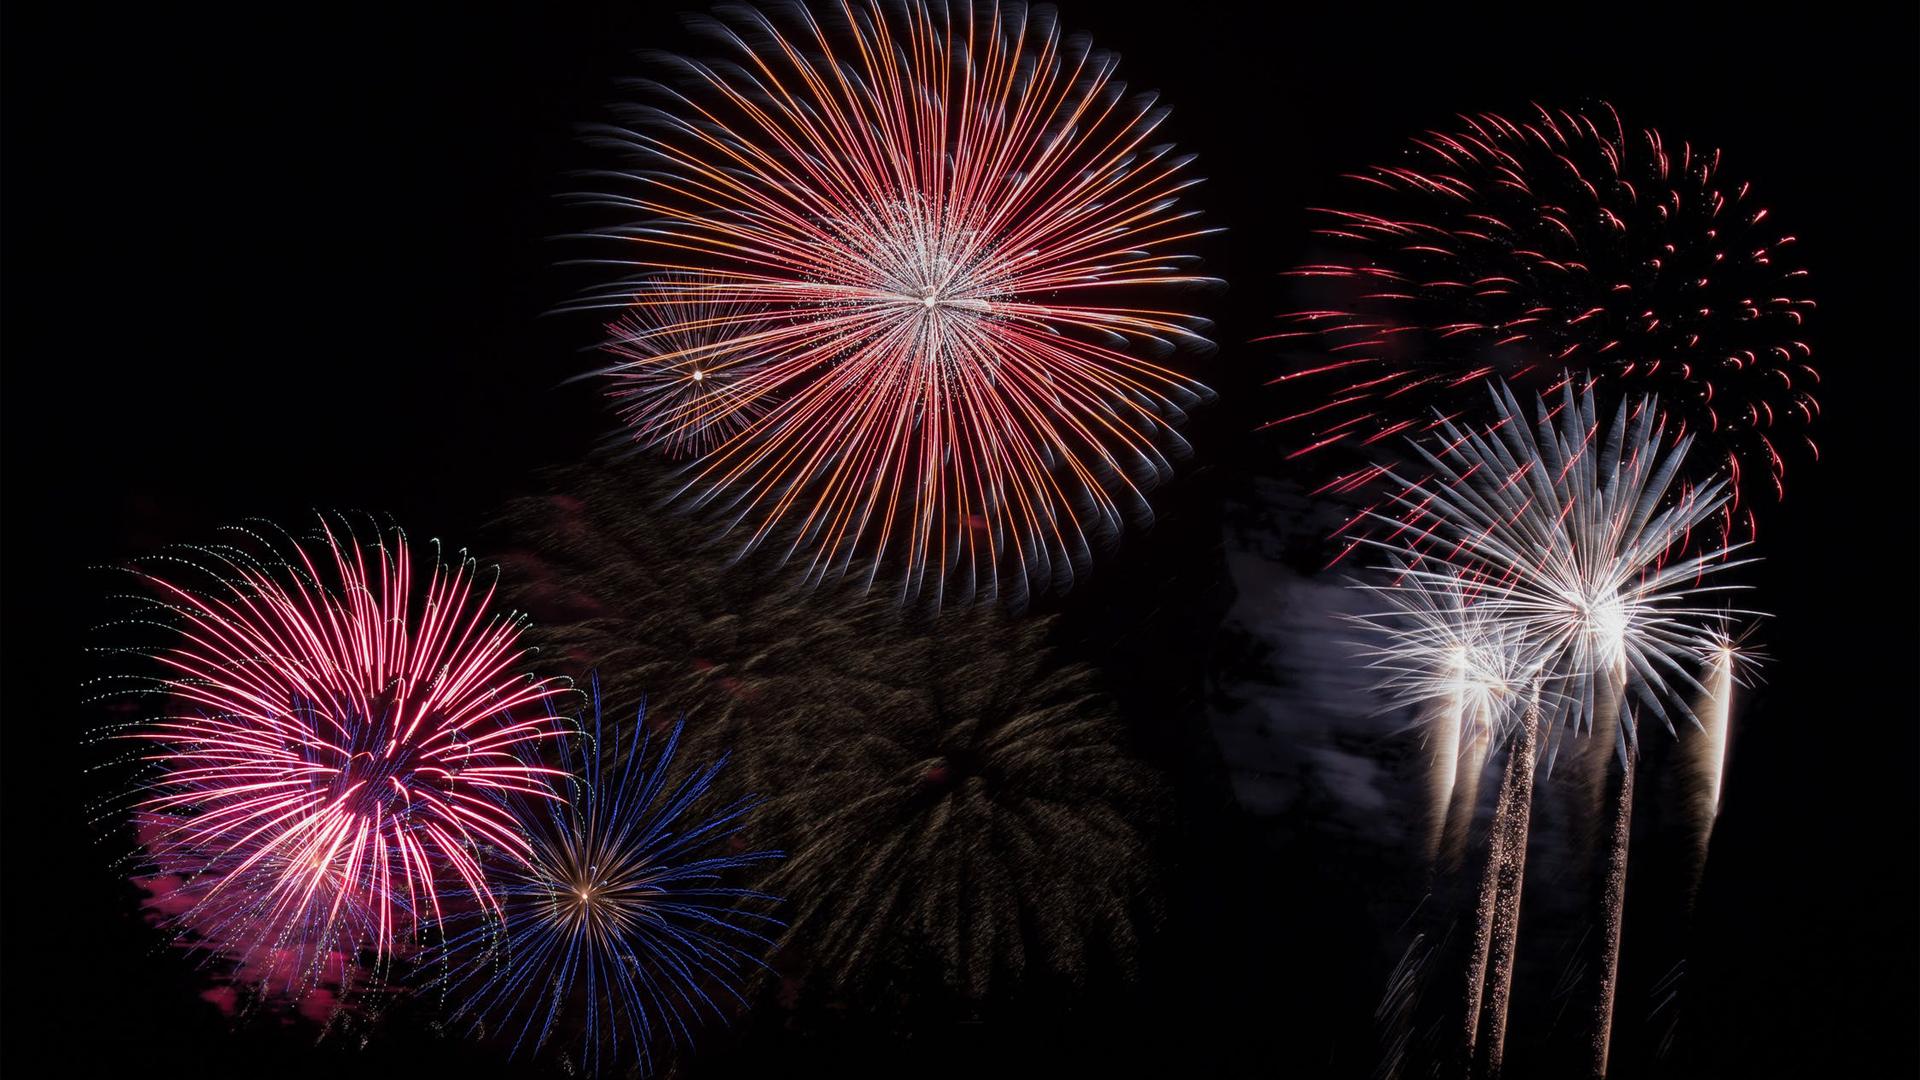 Fireworks Digital Signage Graphic